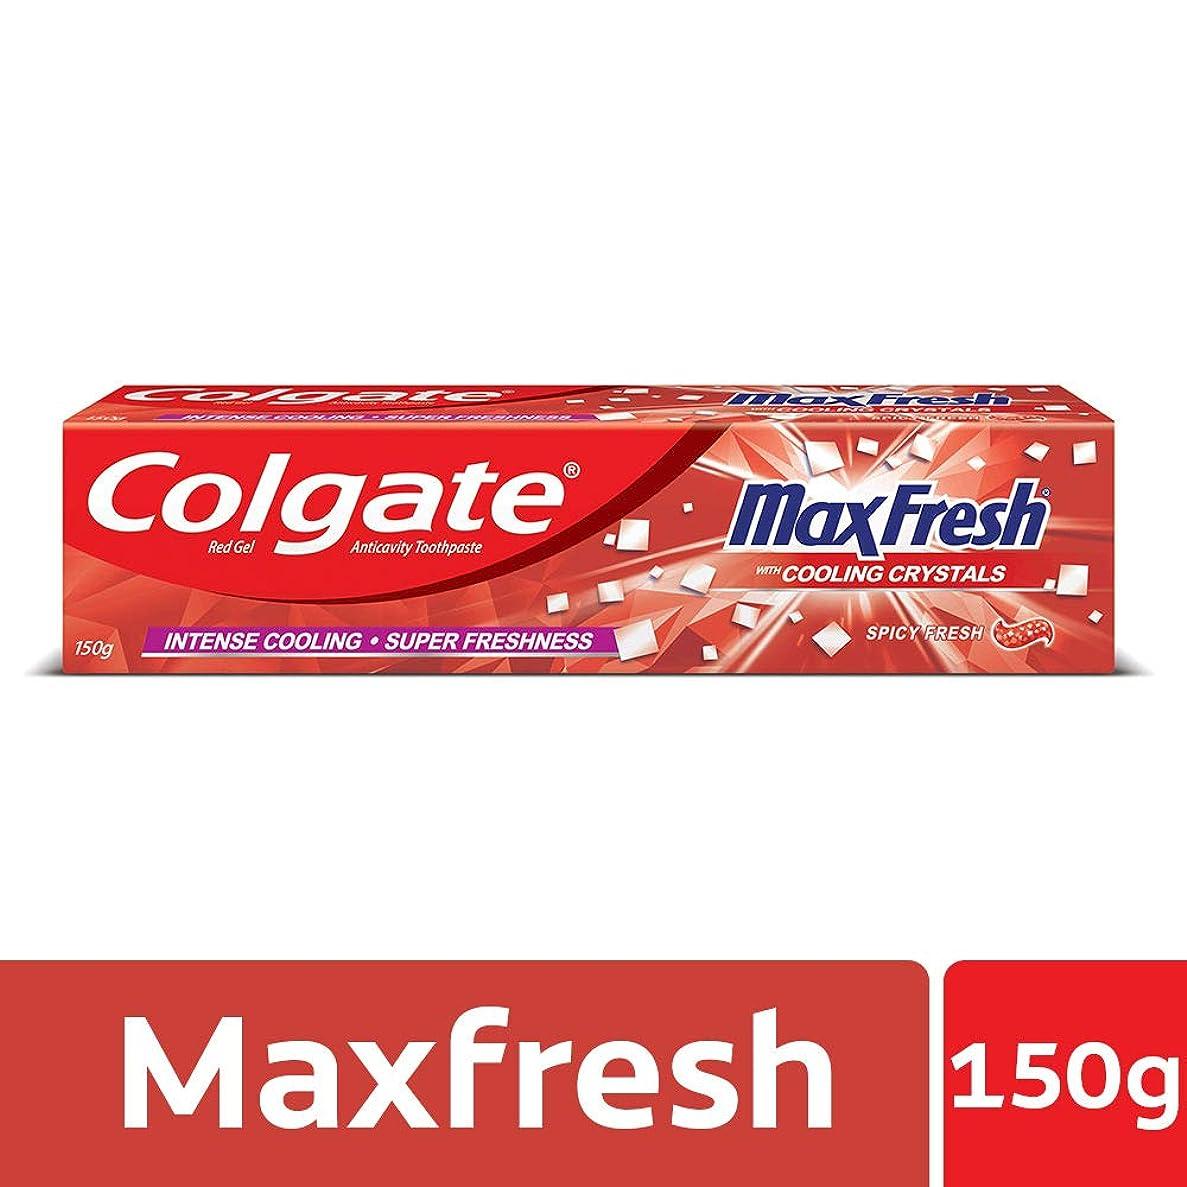 トンネル受信分割Colgate MaxFresh Anticavity Toothpaste Gel, Spicy Fresh - 150gm